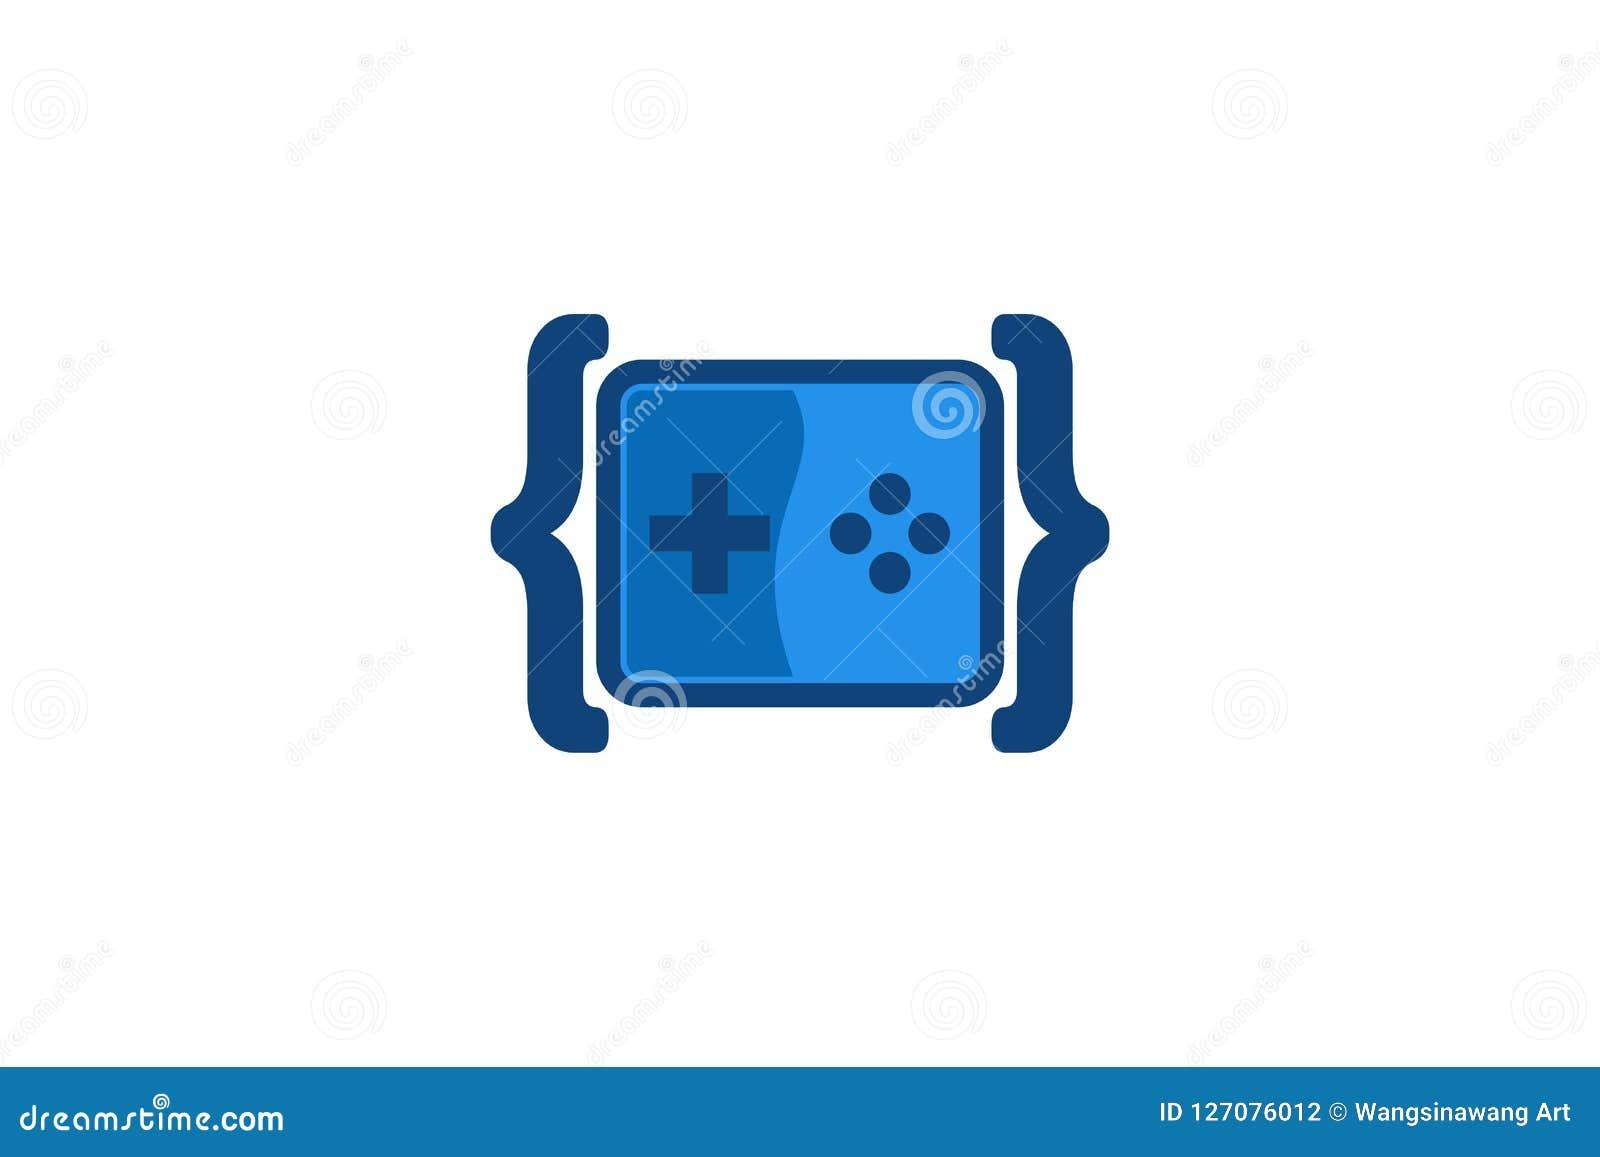 Έμπνευση σχεδίων λογότυπων παιχνιδιών κώδικα, διανυσματική απεικόνιση